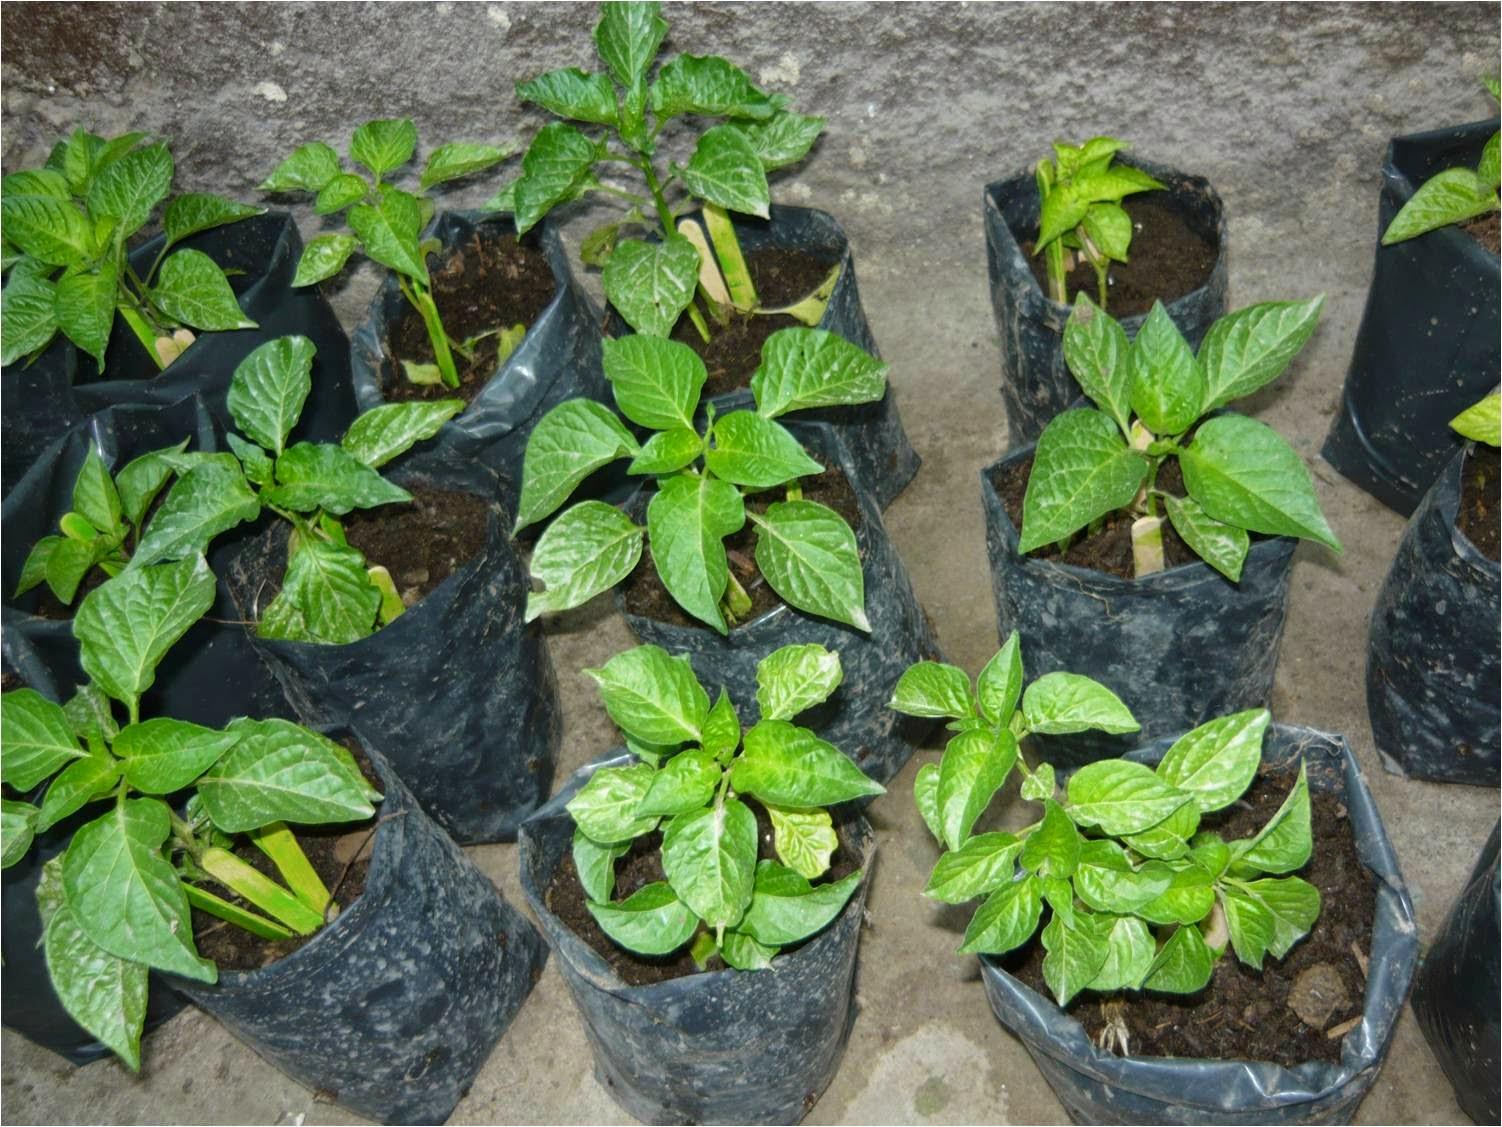 Alternativa ecol gica criterios para el uso de envases - Plantas de plastico baratas ...